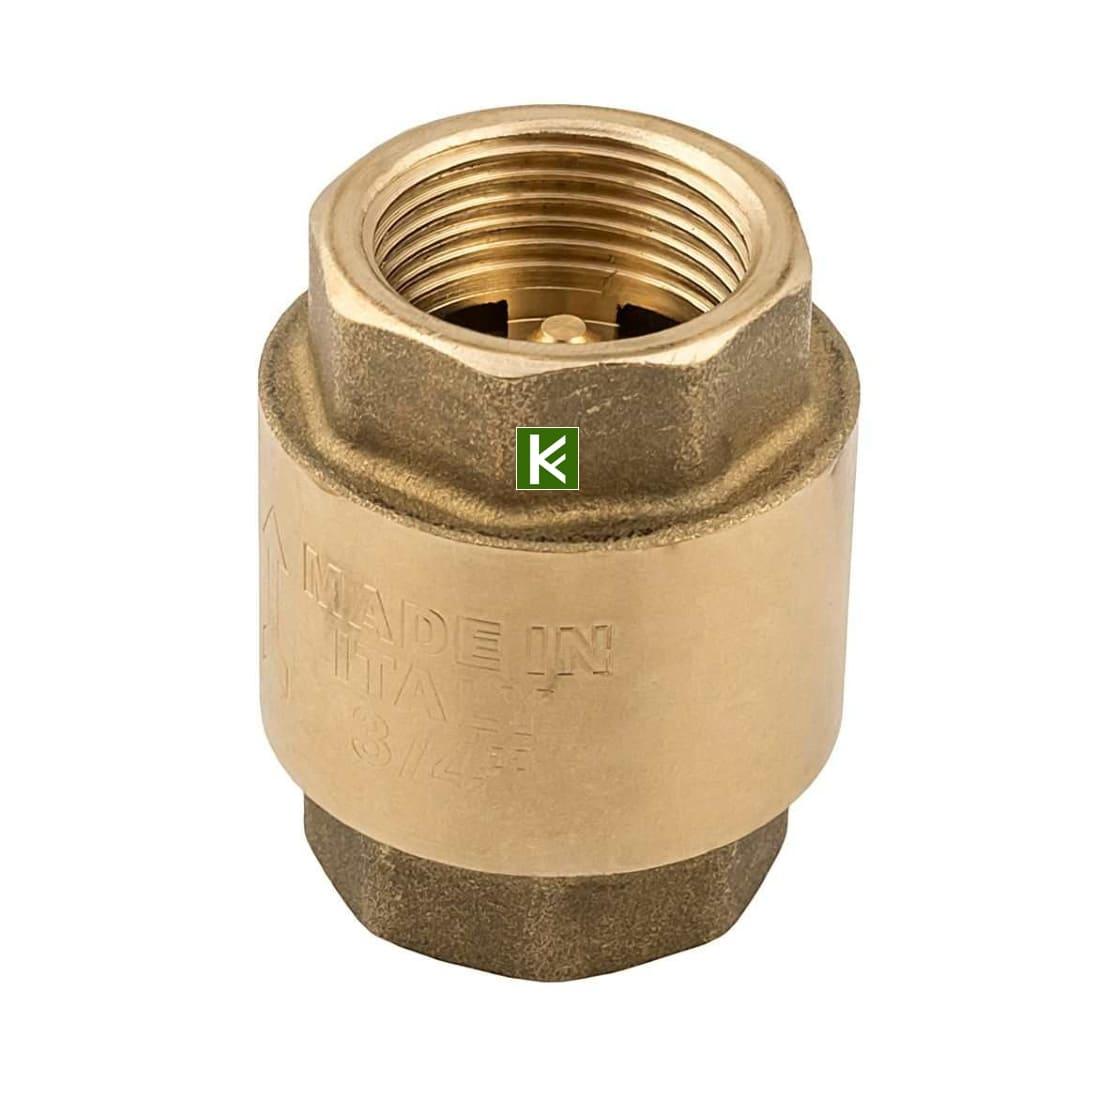 Обратные клапаны ELSEN пружинные с металлическим затвором (Элсен)